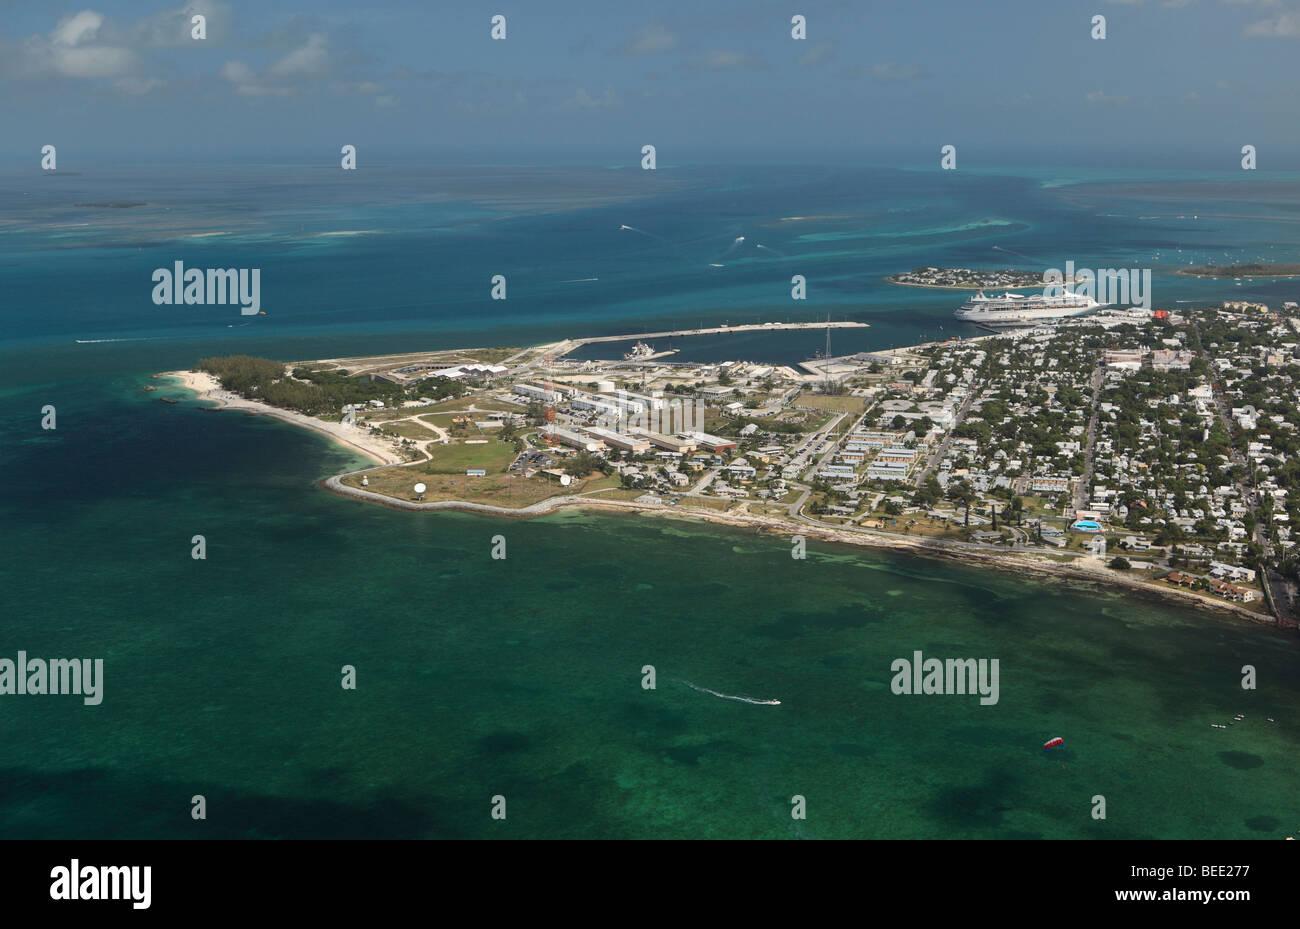 Aerial photo of Key West, Florida - Stock Image